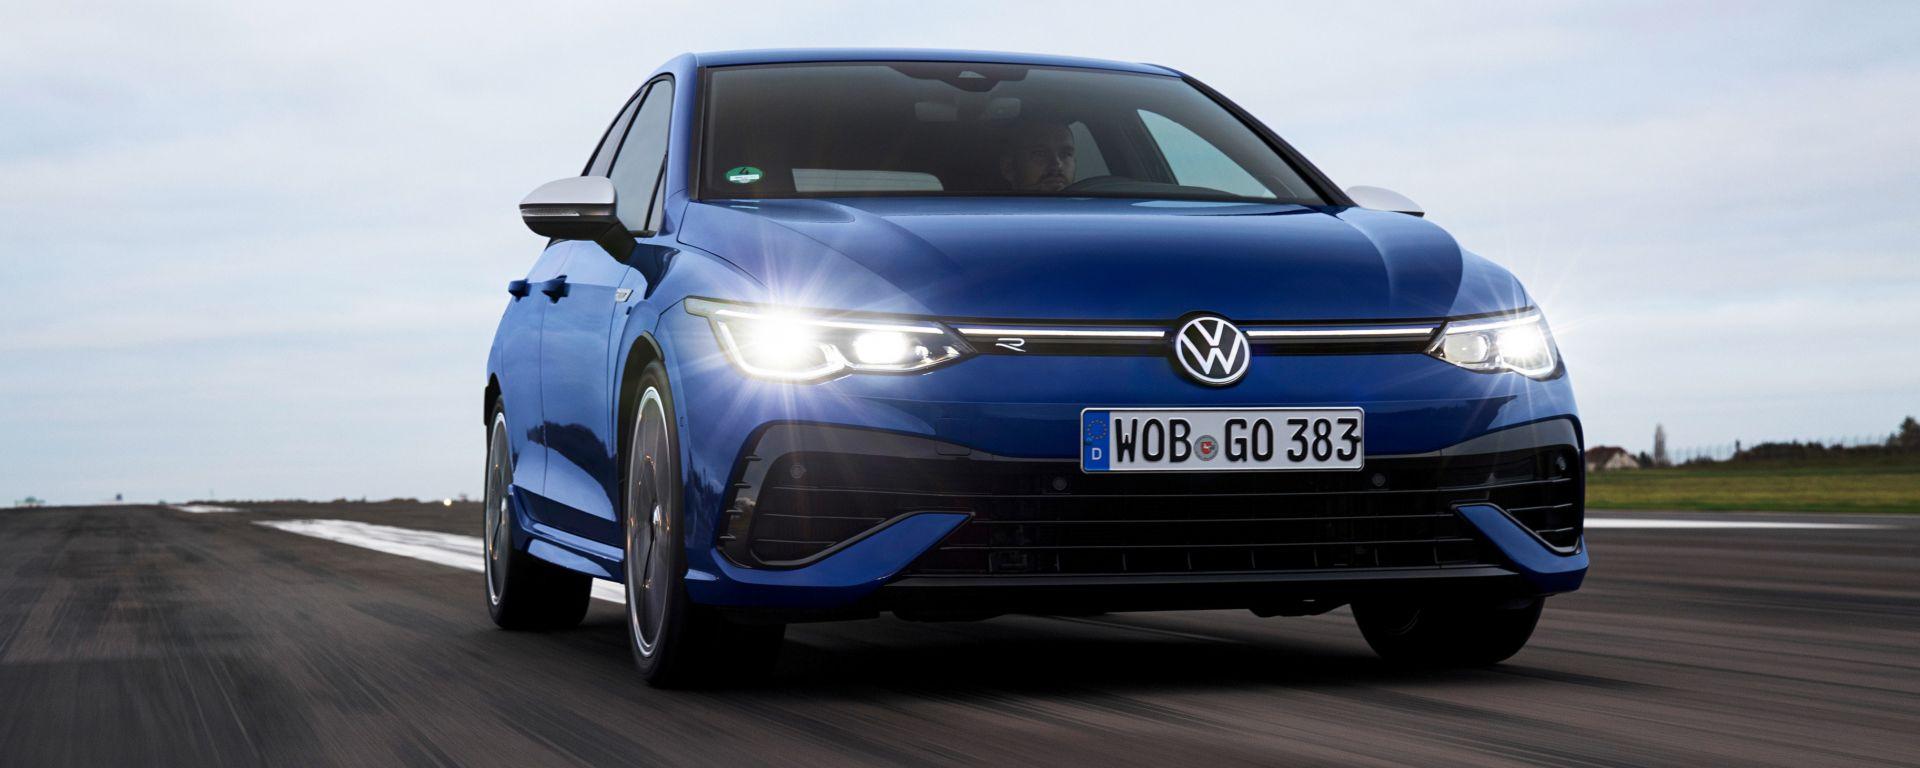 Volkswagen Golf R, visuale di 3/4 anteriore